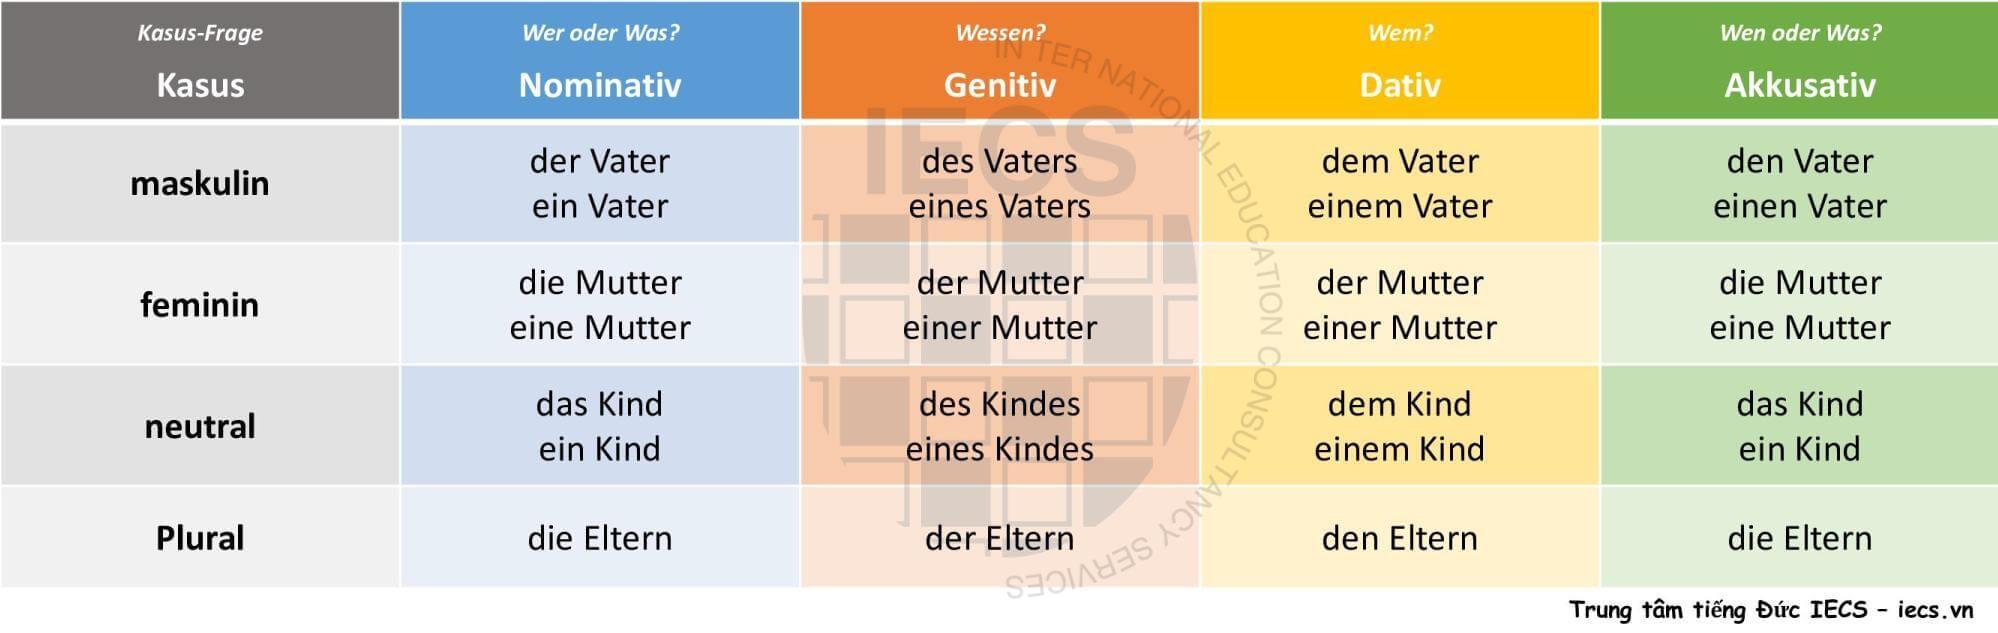 kasus - biến cách trong tiếng Đức